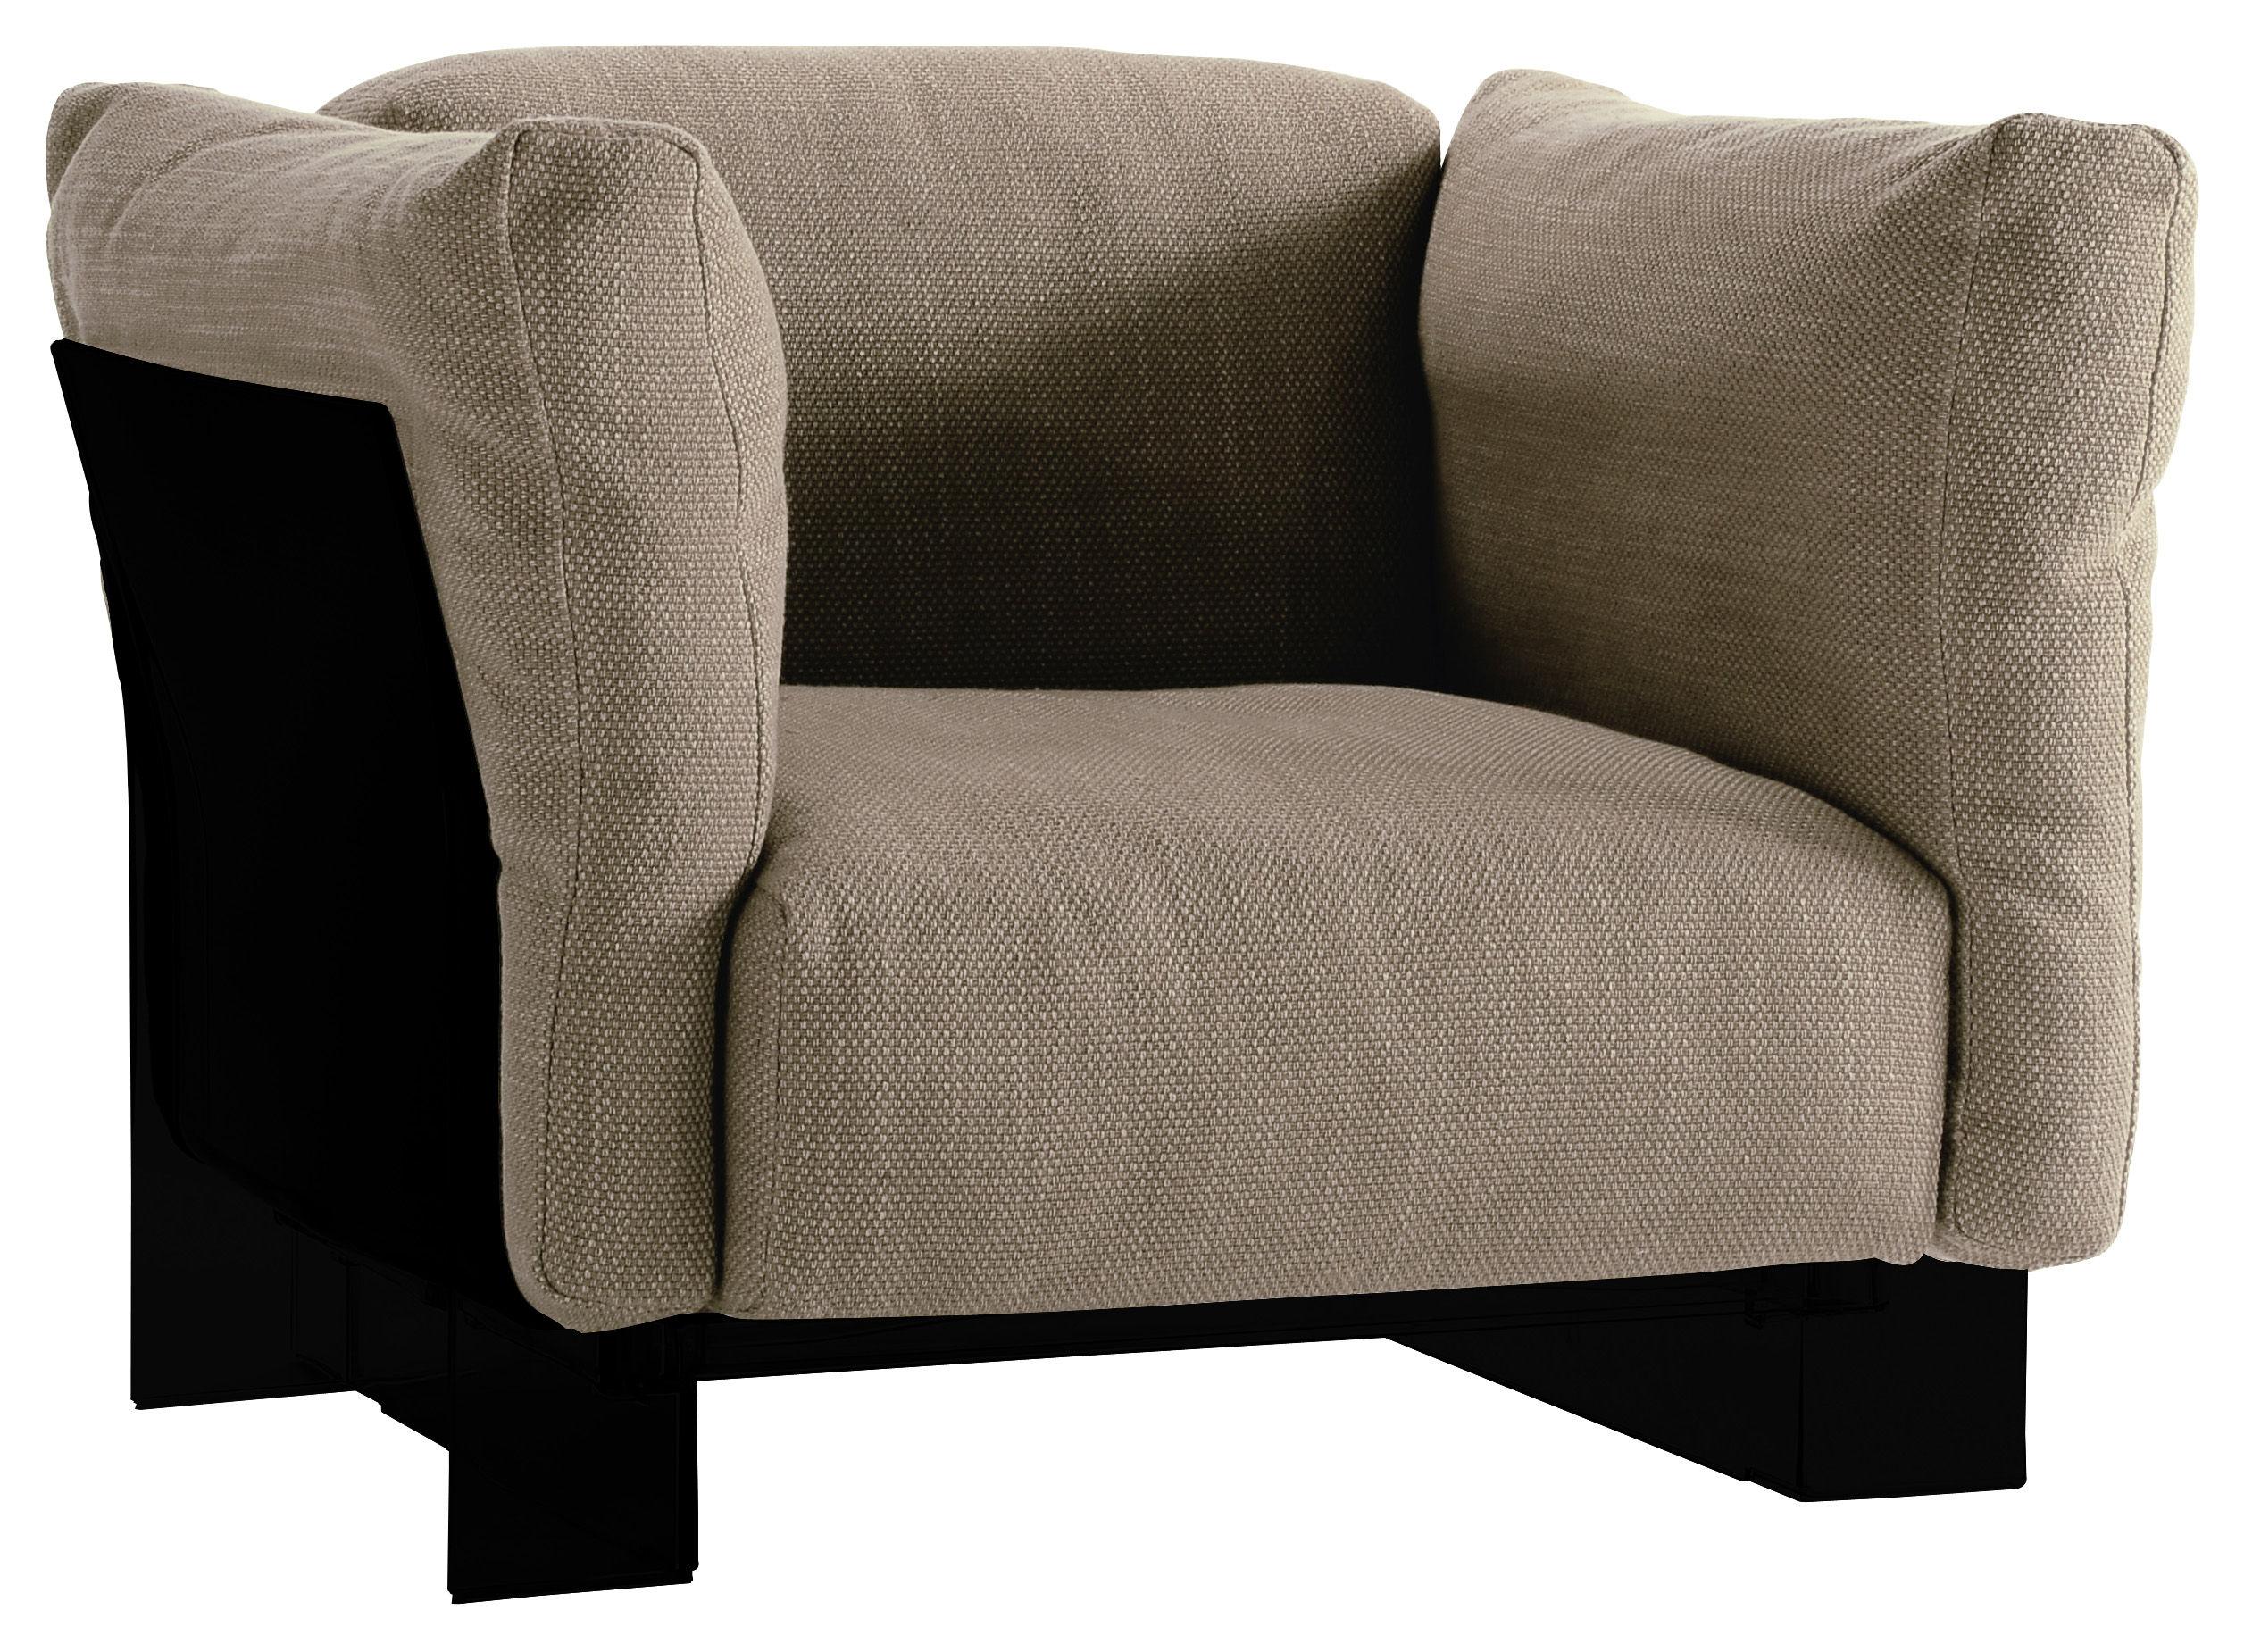 Arredamento - Poltrone design  - Poltrona imbottita Pop Duo - Struttura nera di Kartell - Grigio tortora - policarbonato, Tessuto